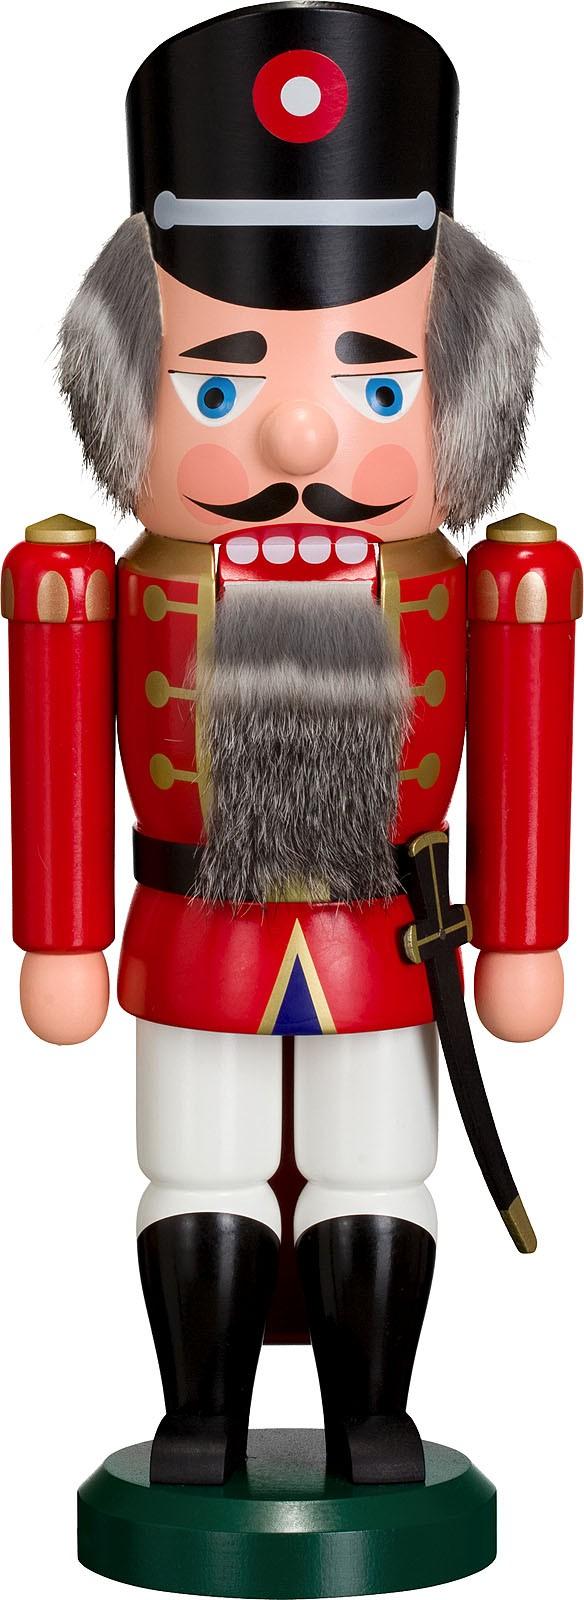 Nussknacker Polizist, rot, 35 cm